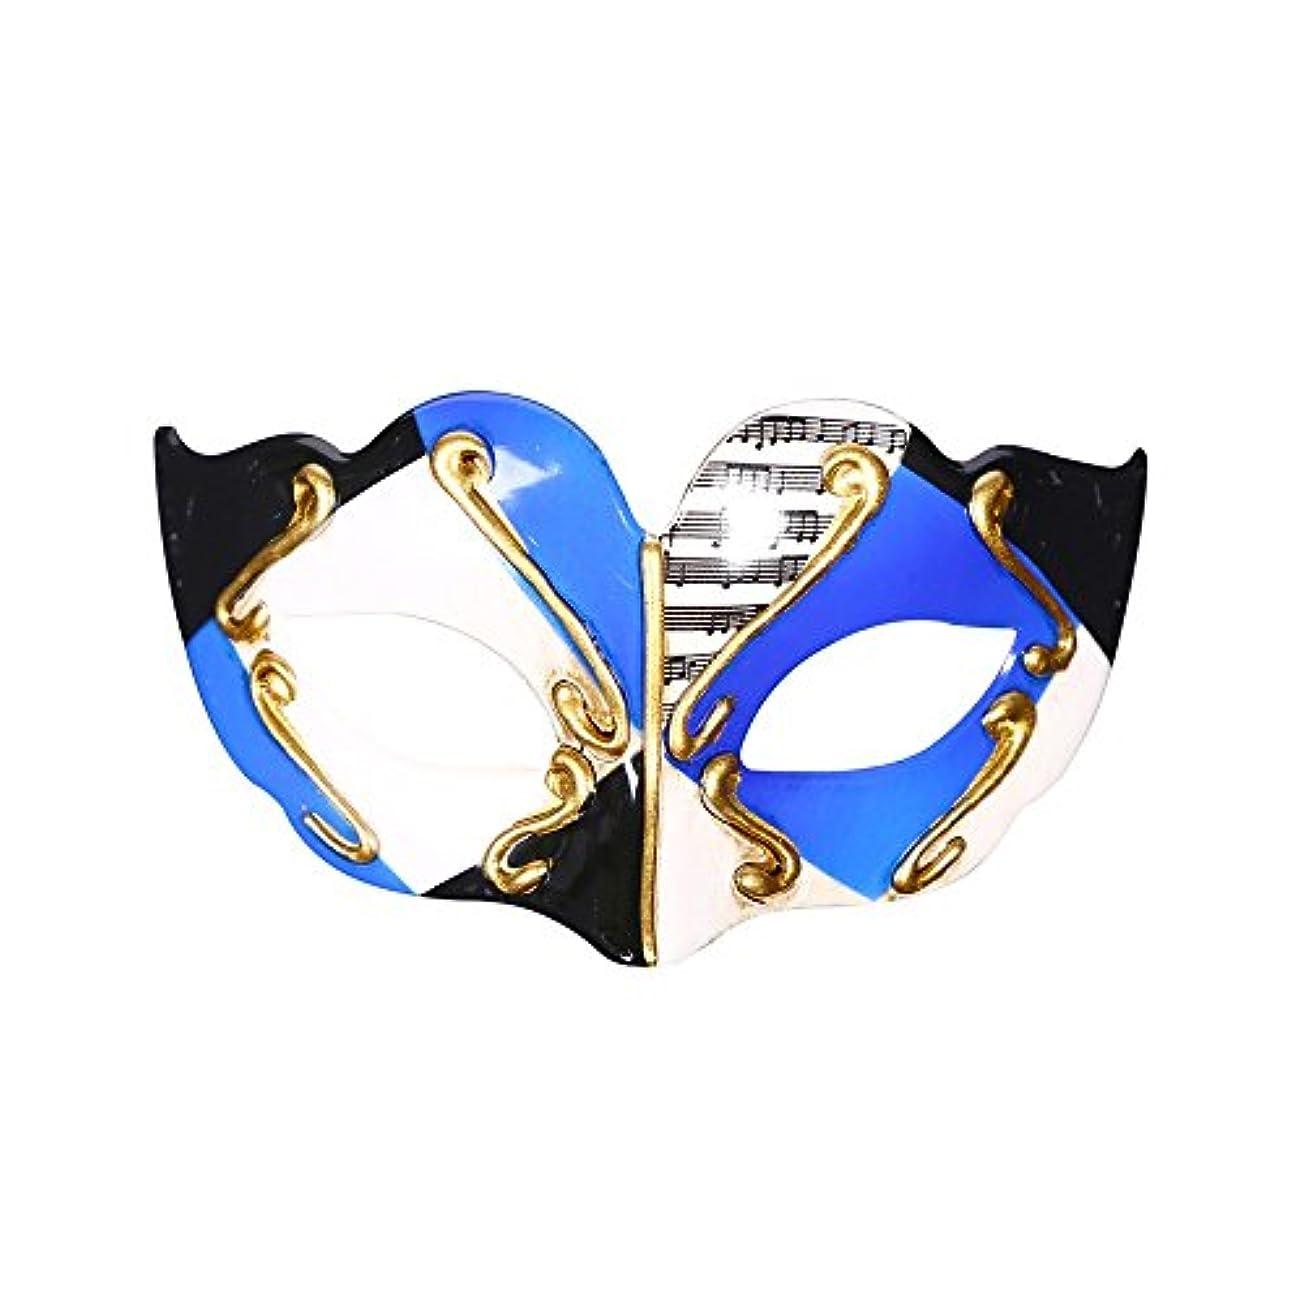 ハロウィーン仮装マスクフラットヘッドハーフフェイスハードプラスチック子供用マスク (Color : #2)